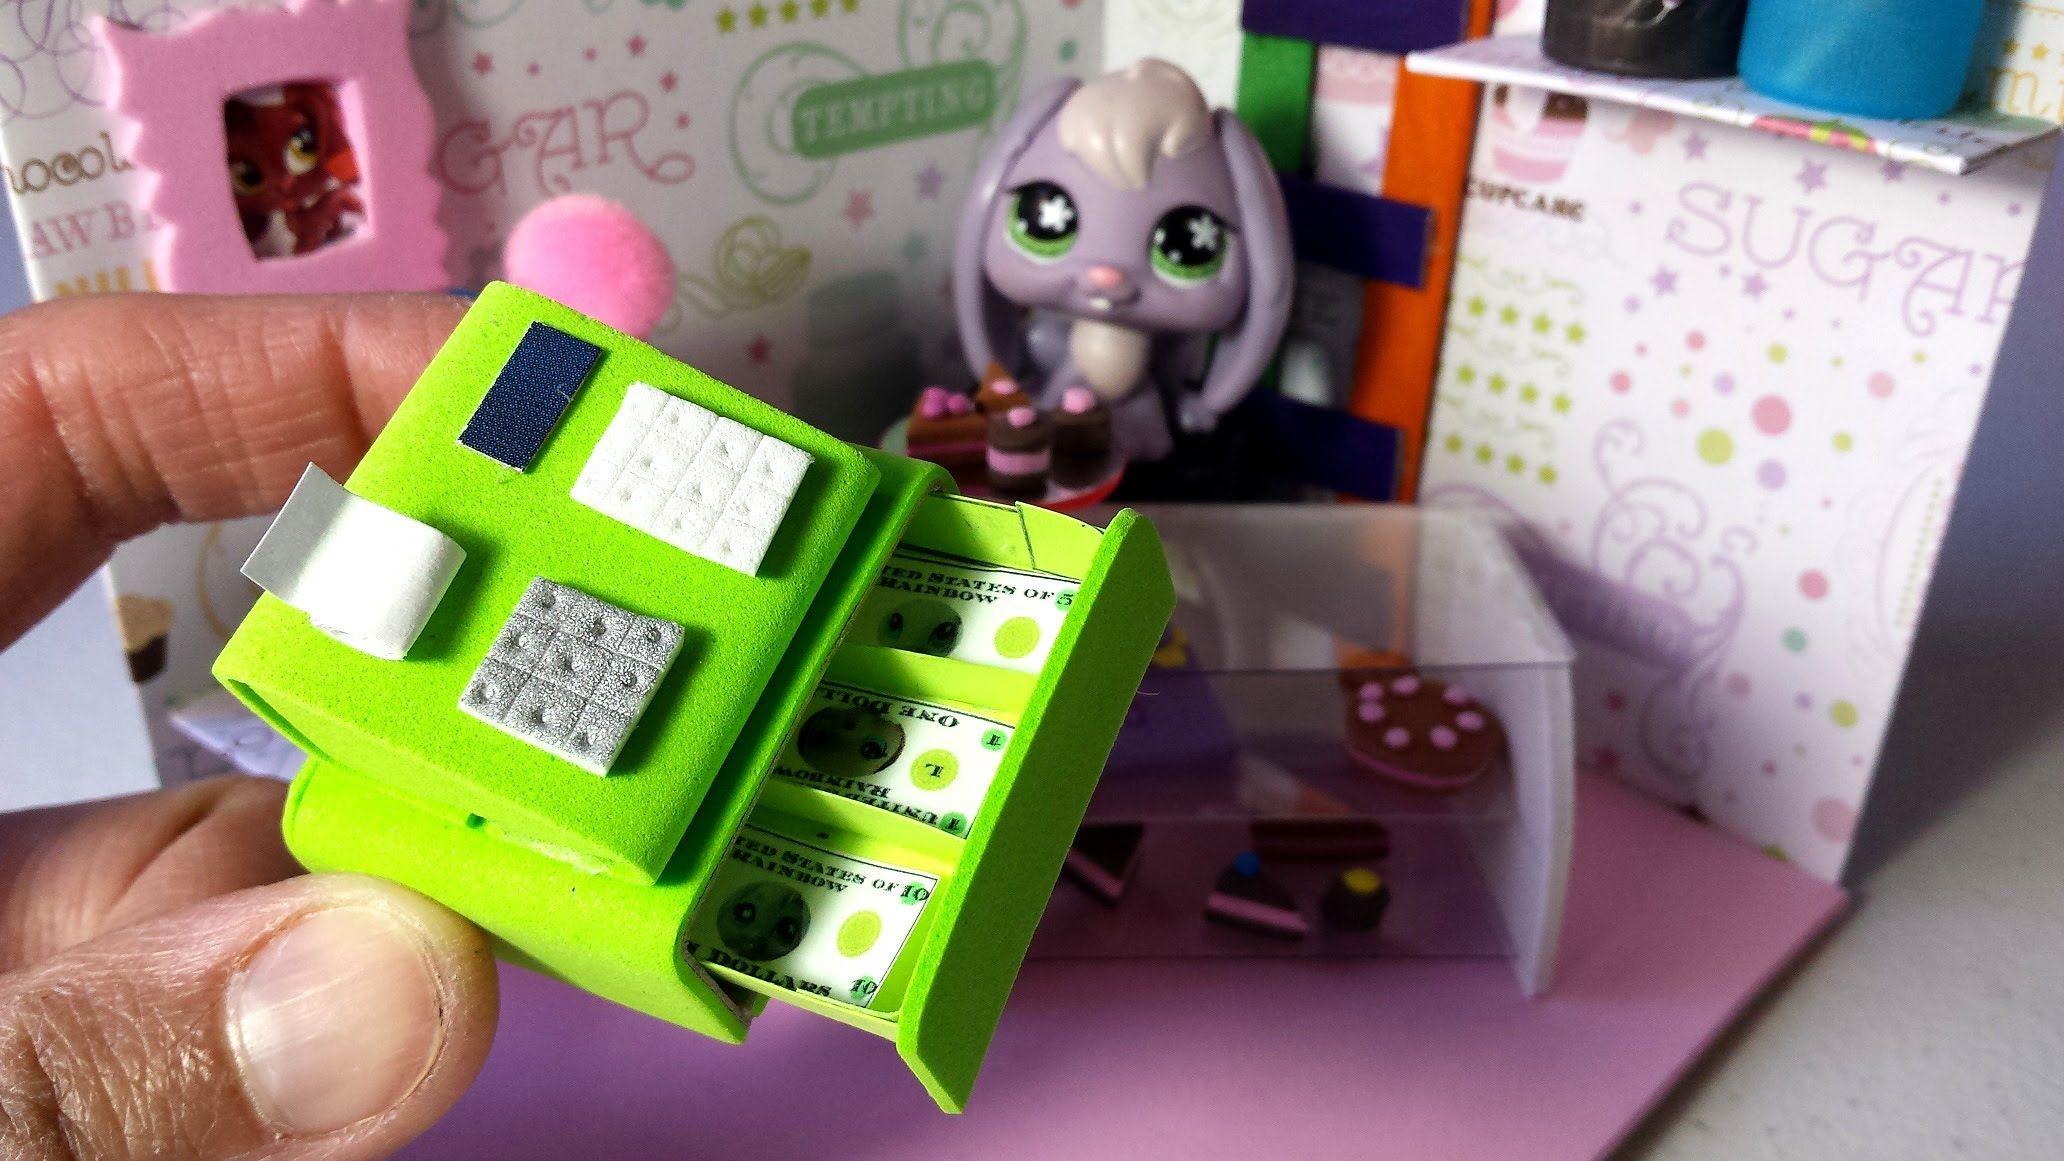 Cloison Salle De Bain Ossature Bois ~ How To Make A Doll Cash Register W Printable Money Lps Doll Diy